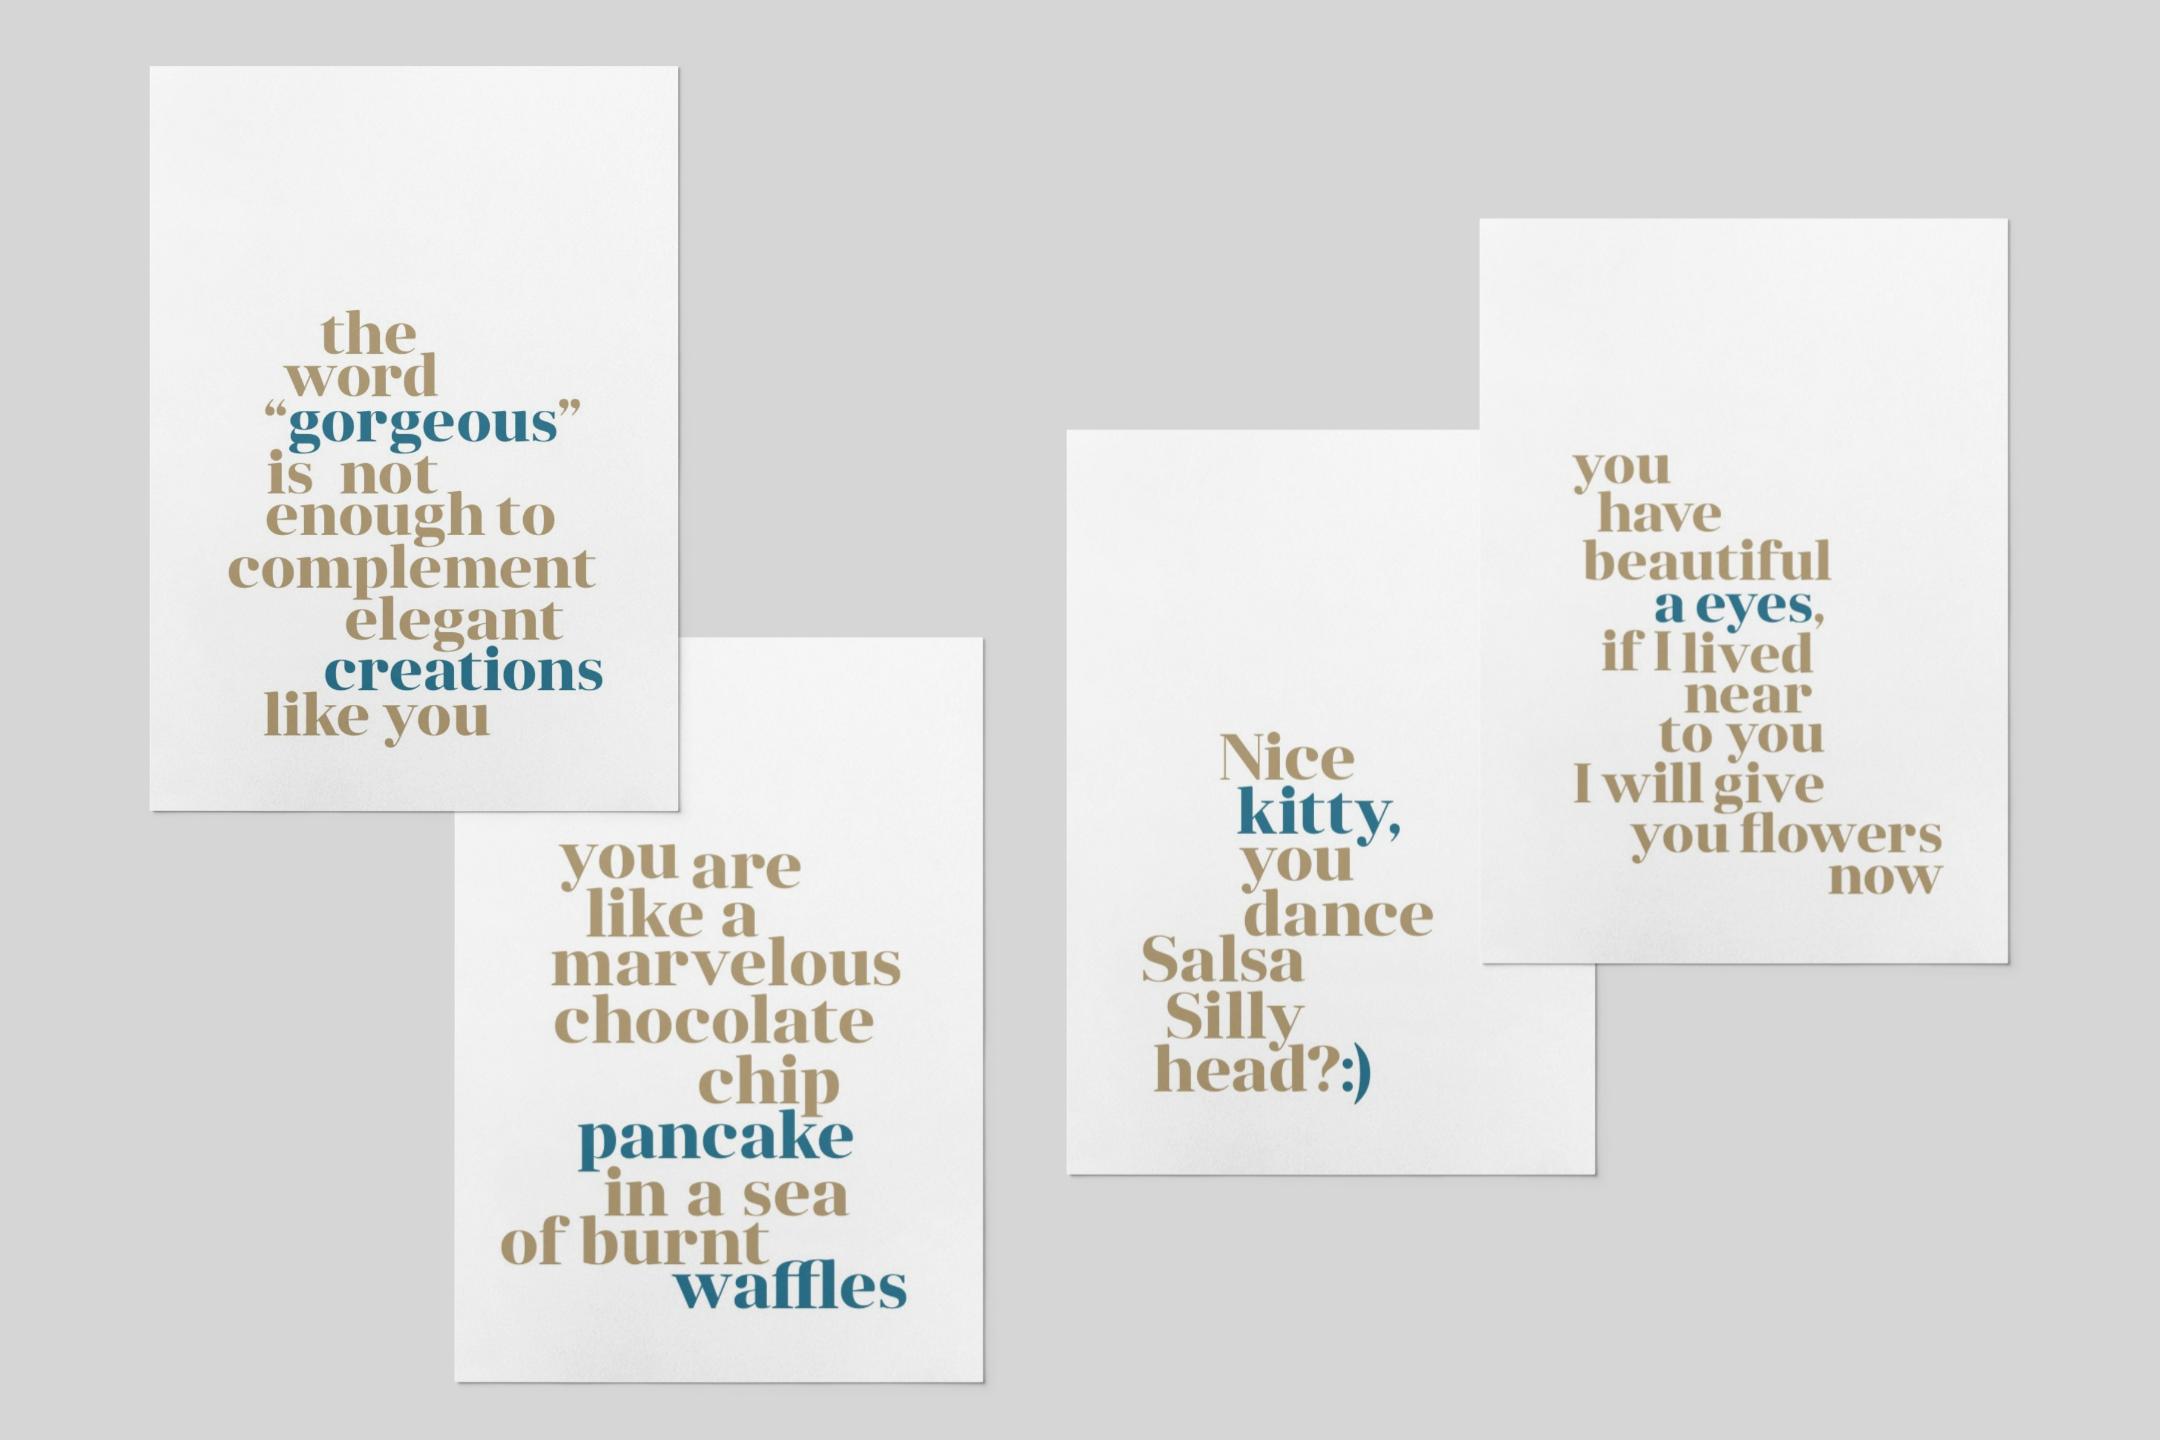 okc-cards.png